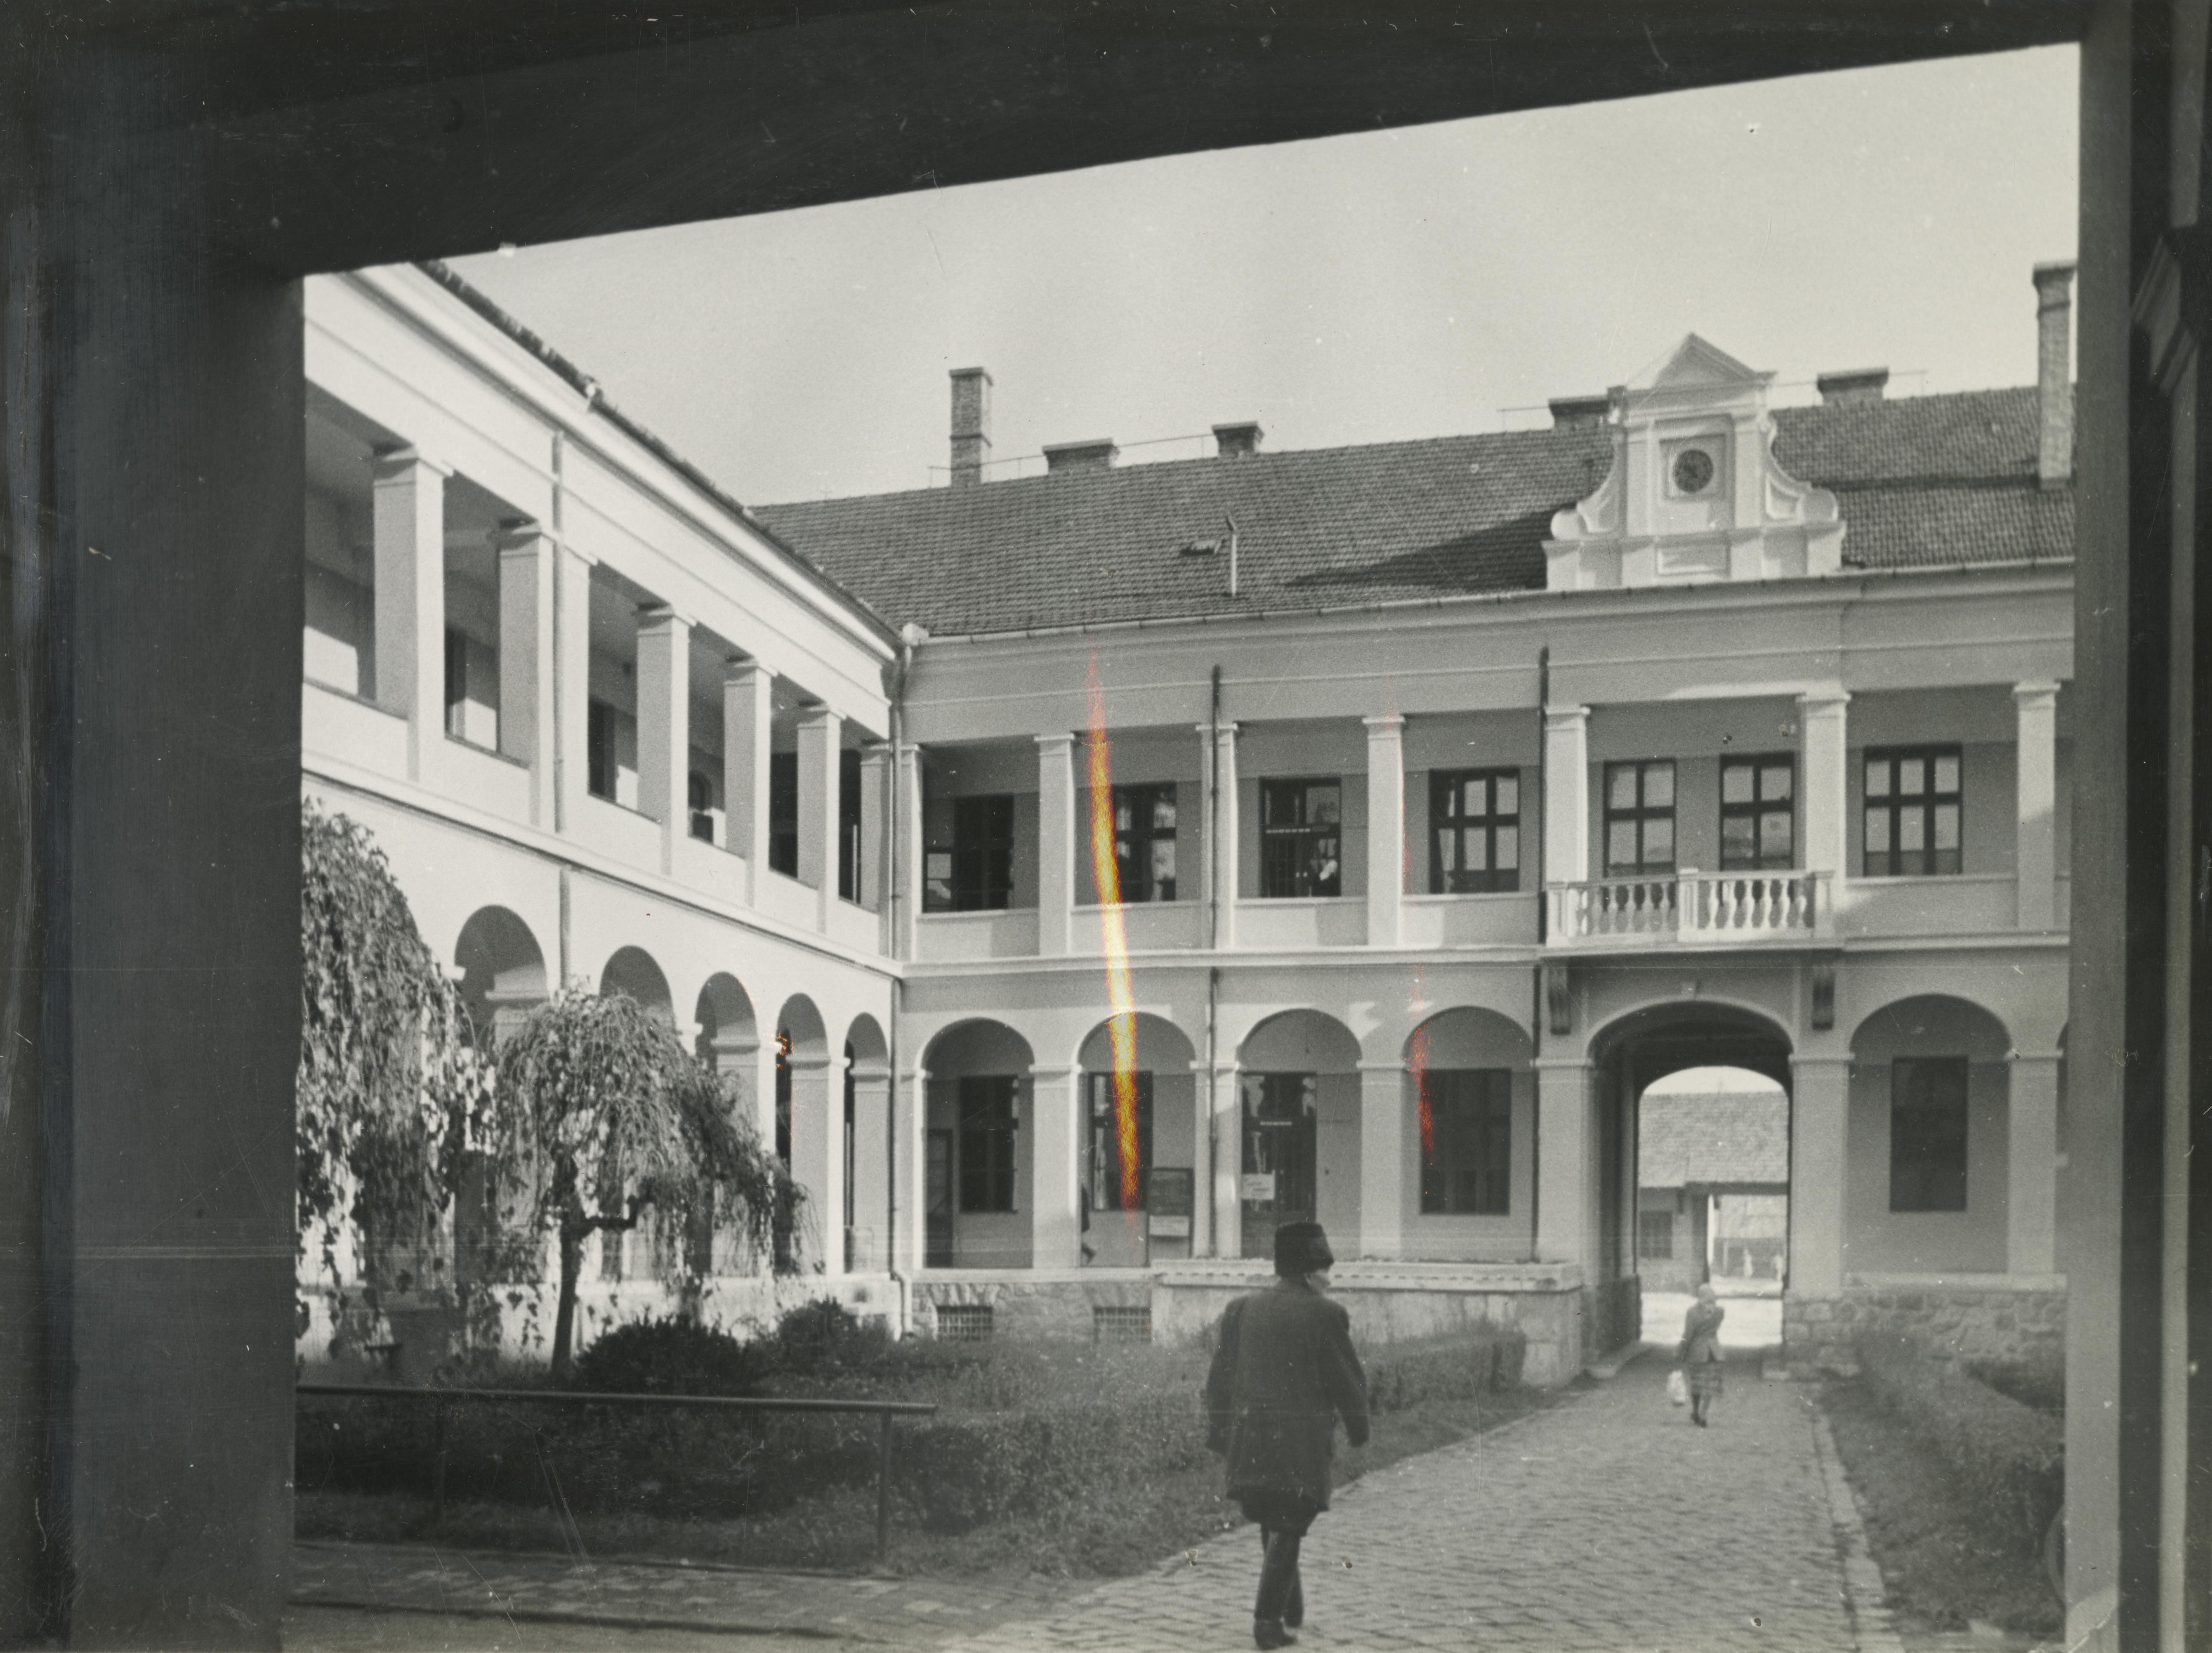 A békéscsabai régi tanácsház belső udvara